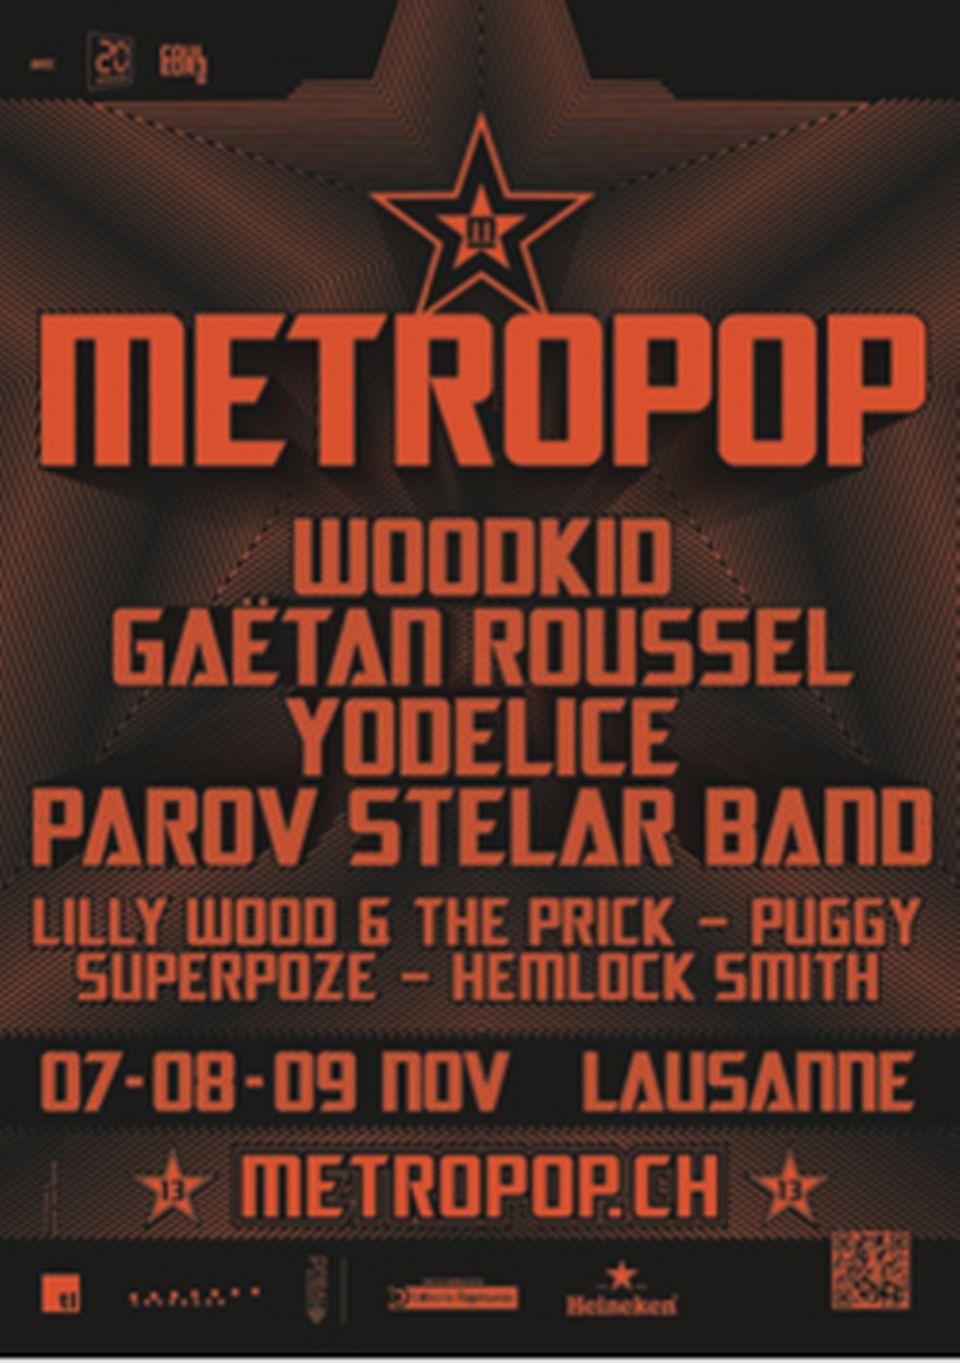 L'affiche du Métropop 2013. [metropop.ch]